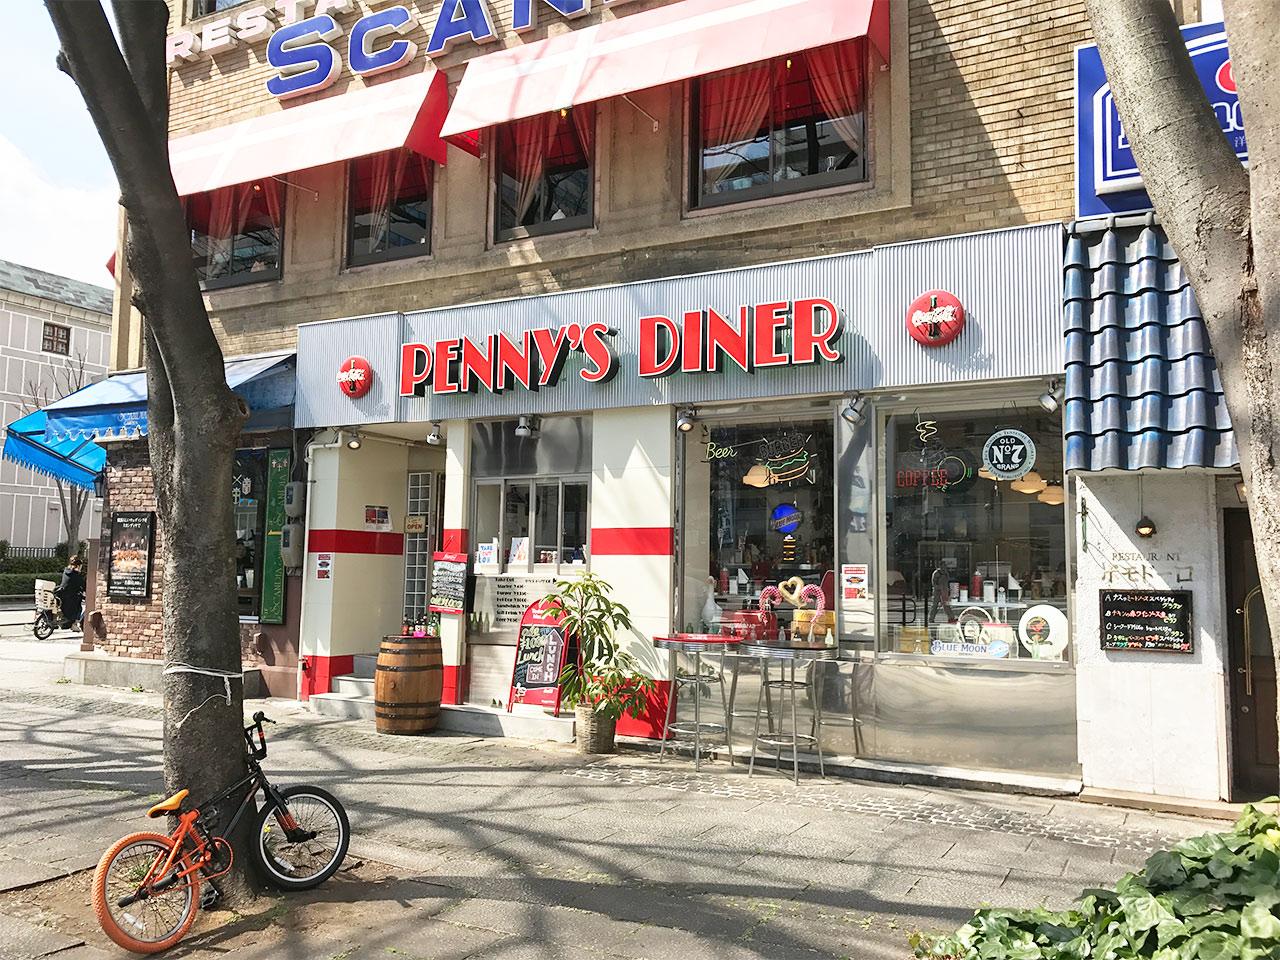 ハンバーガー屋「PENNY'S DINER」の外観